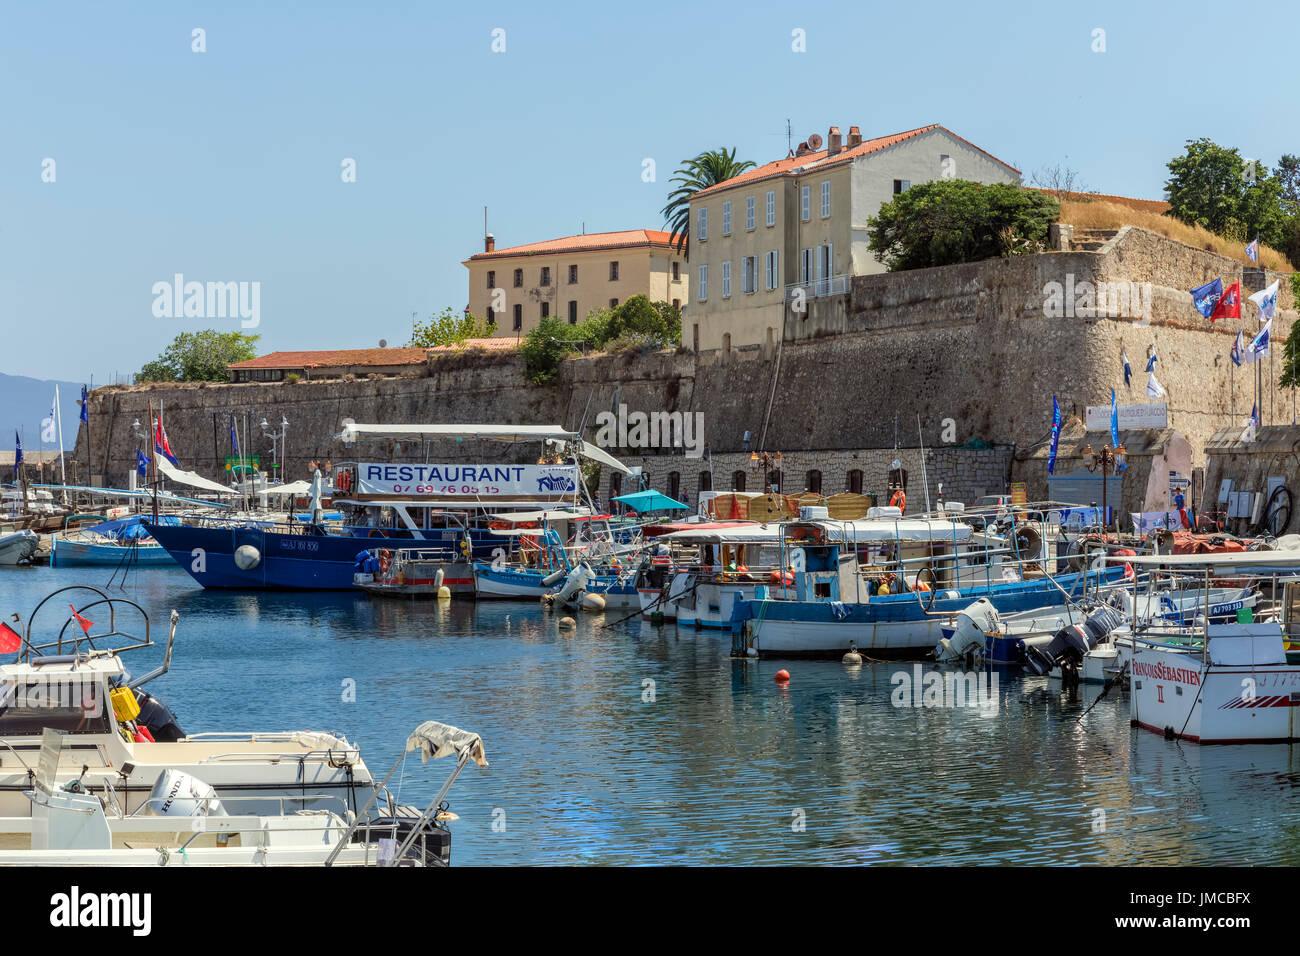 Ajaccio, Corsica, France - Stock Image